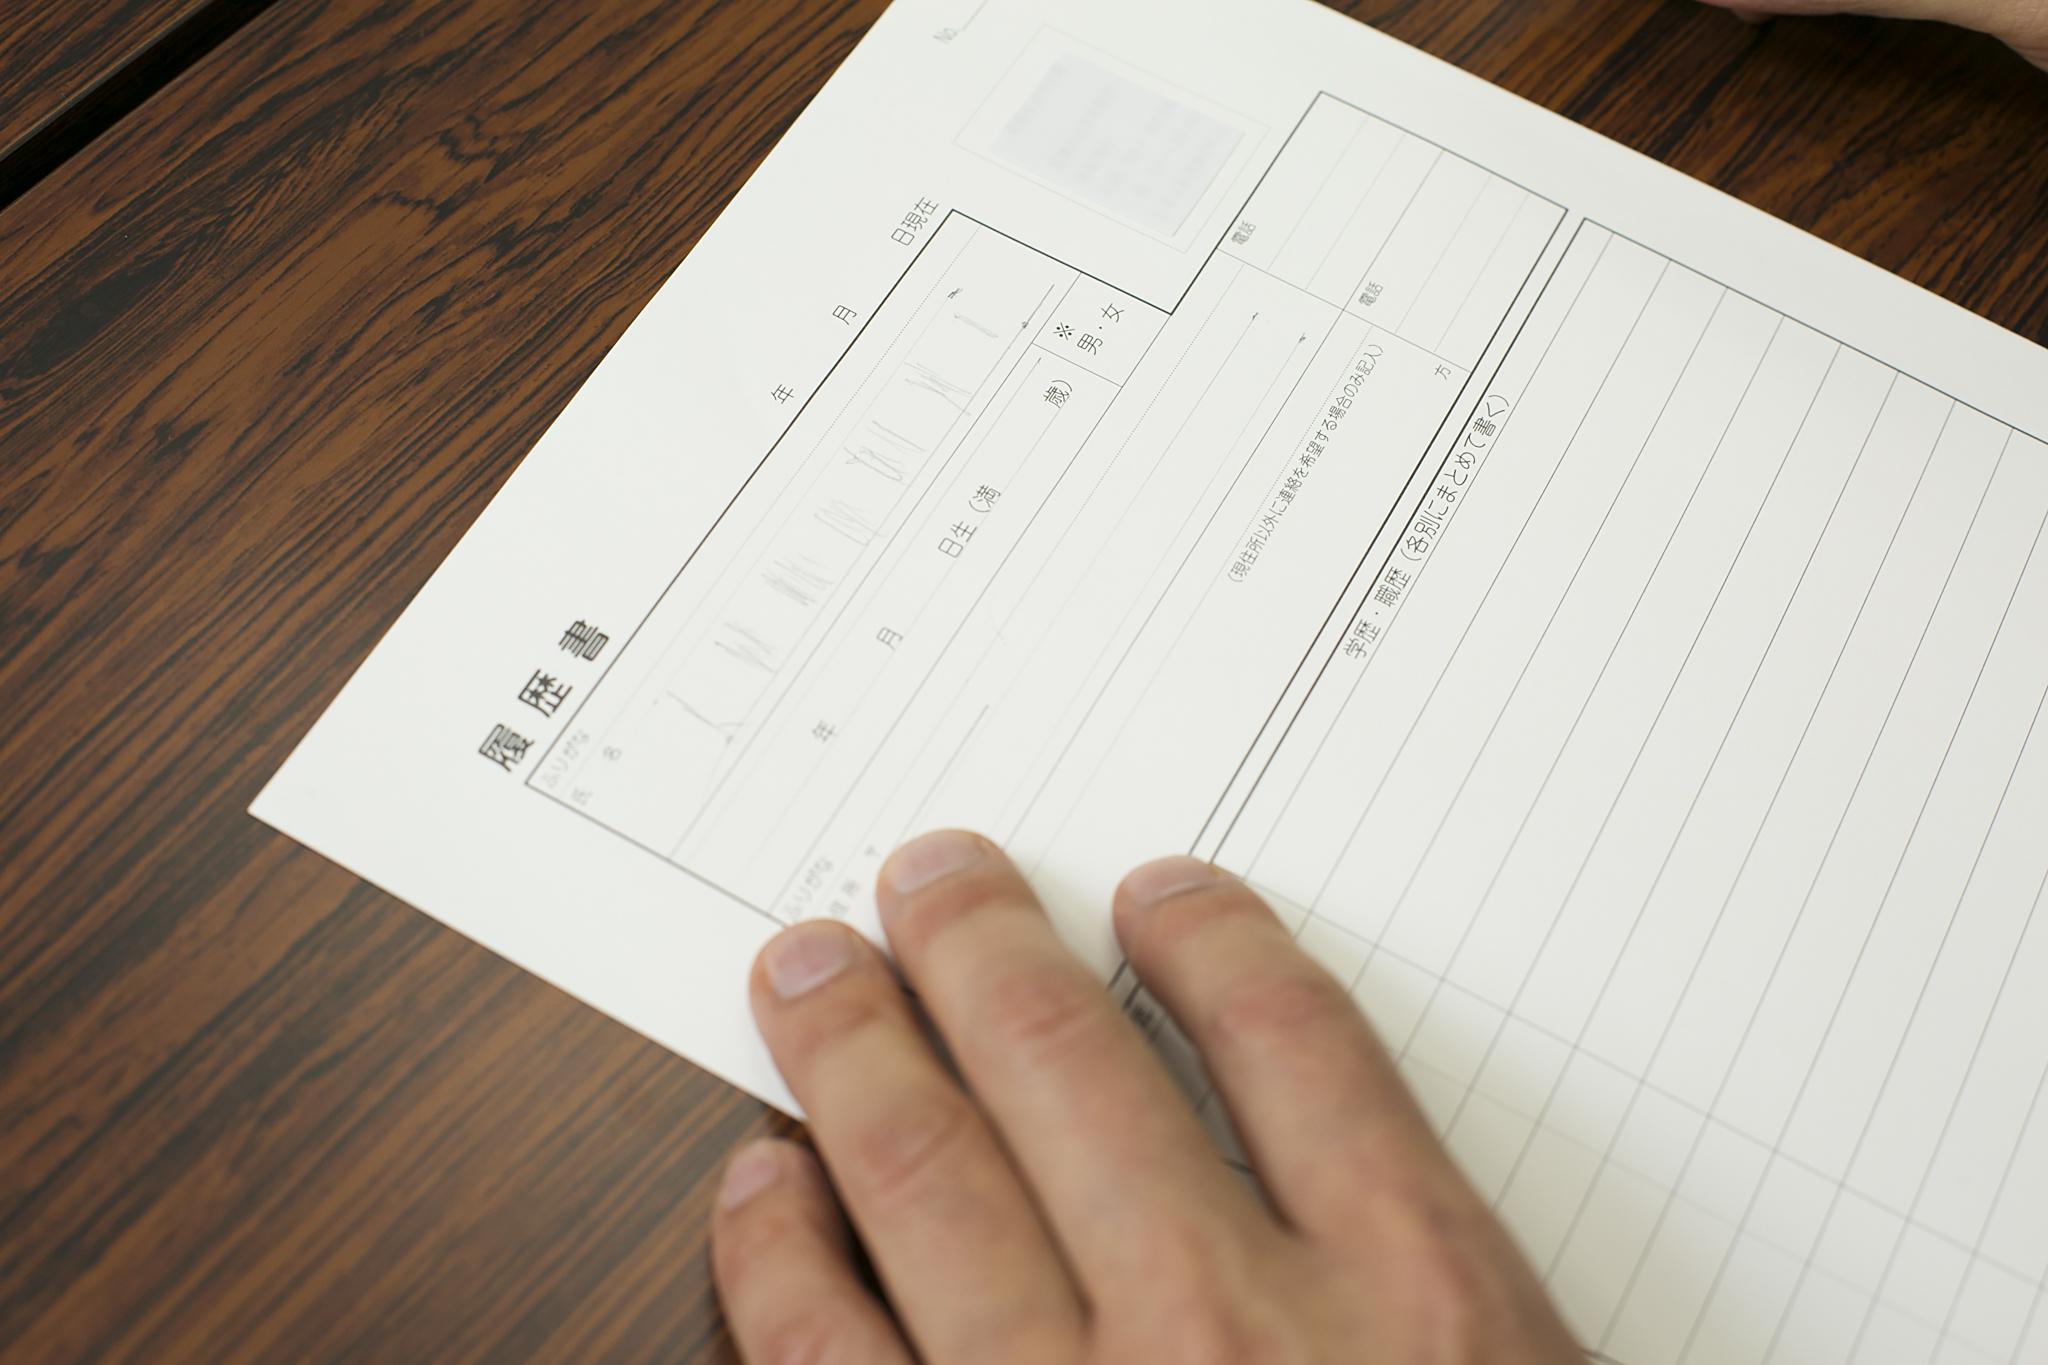 6文字の氏名を書く場合の鉛筆線の例の画像